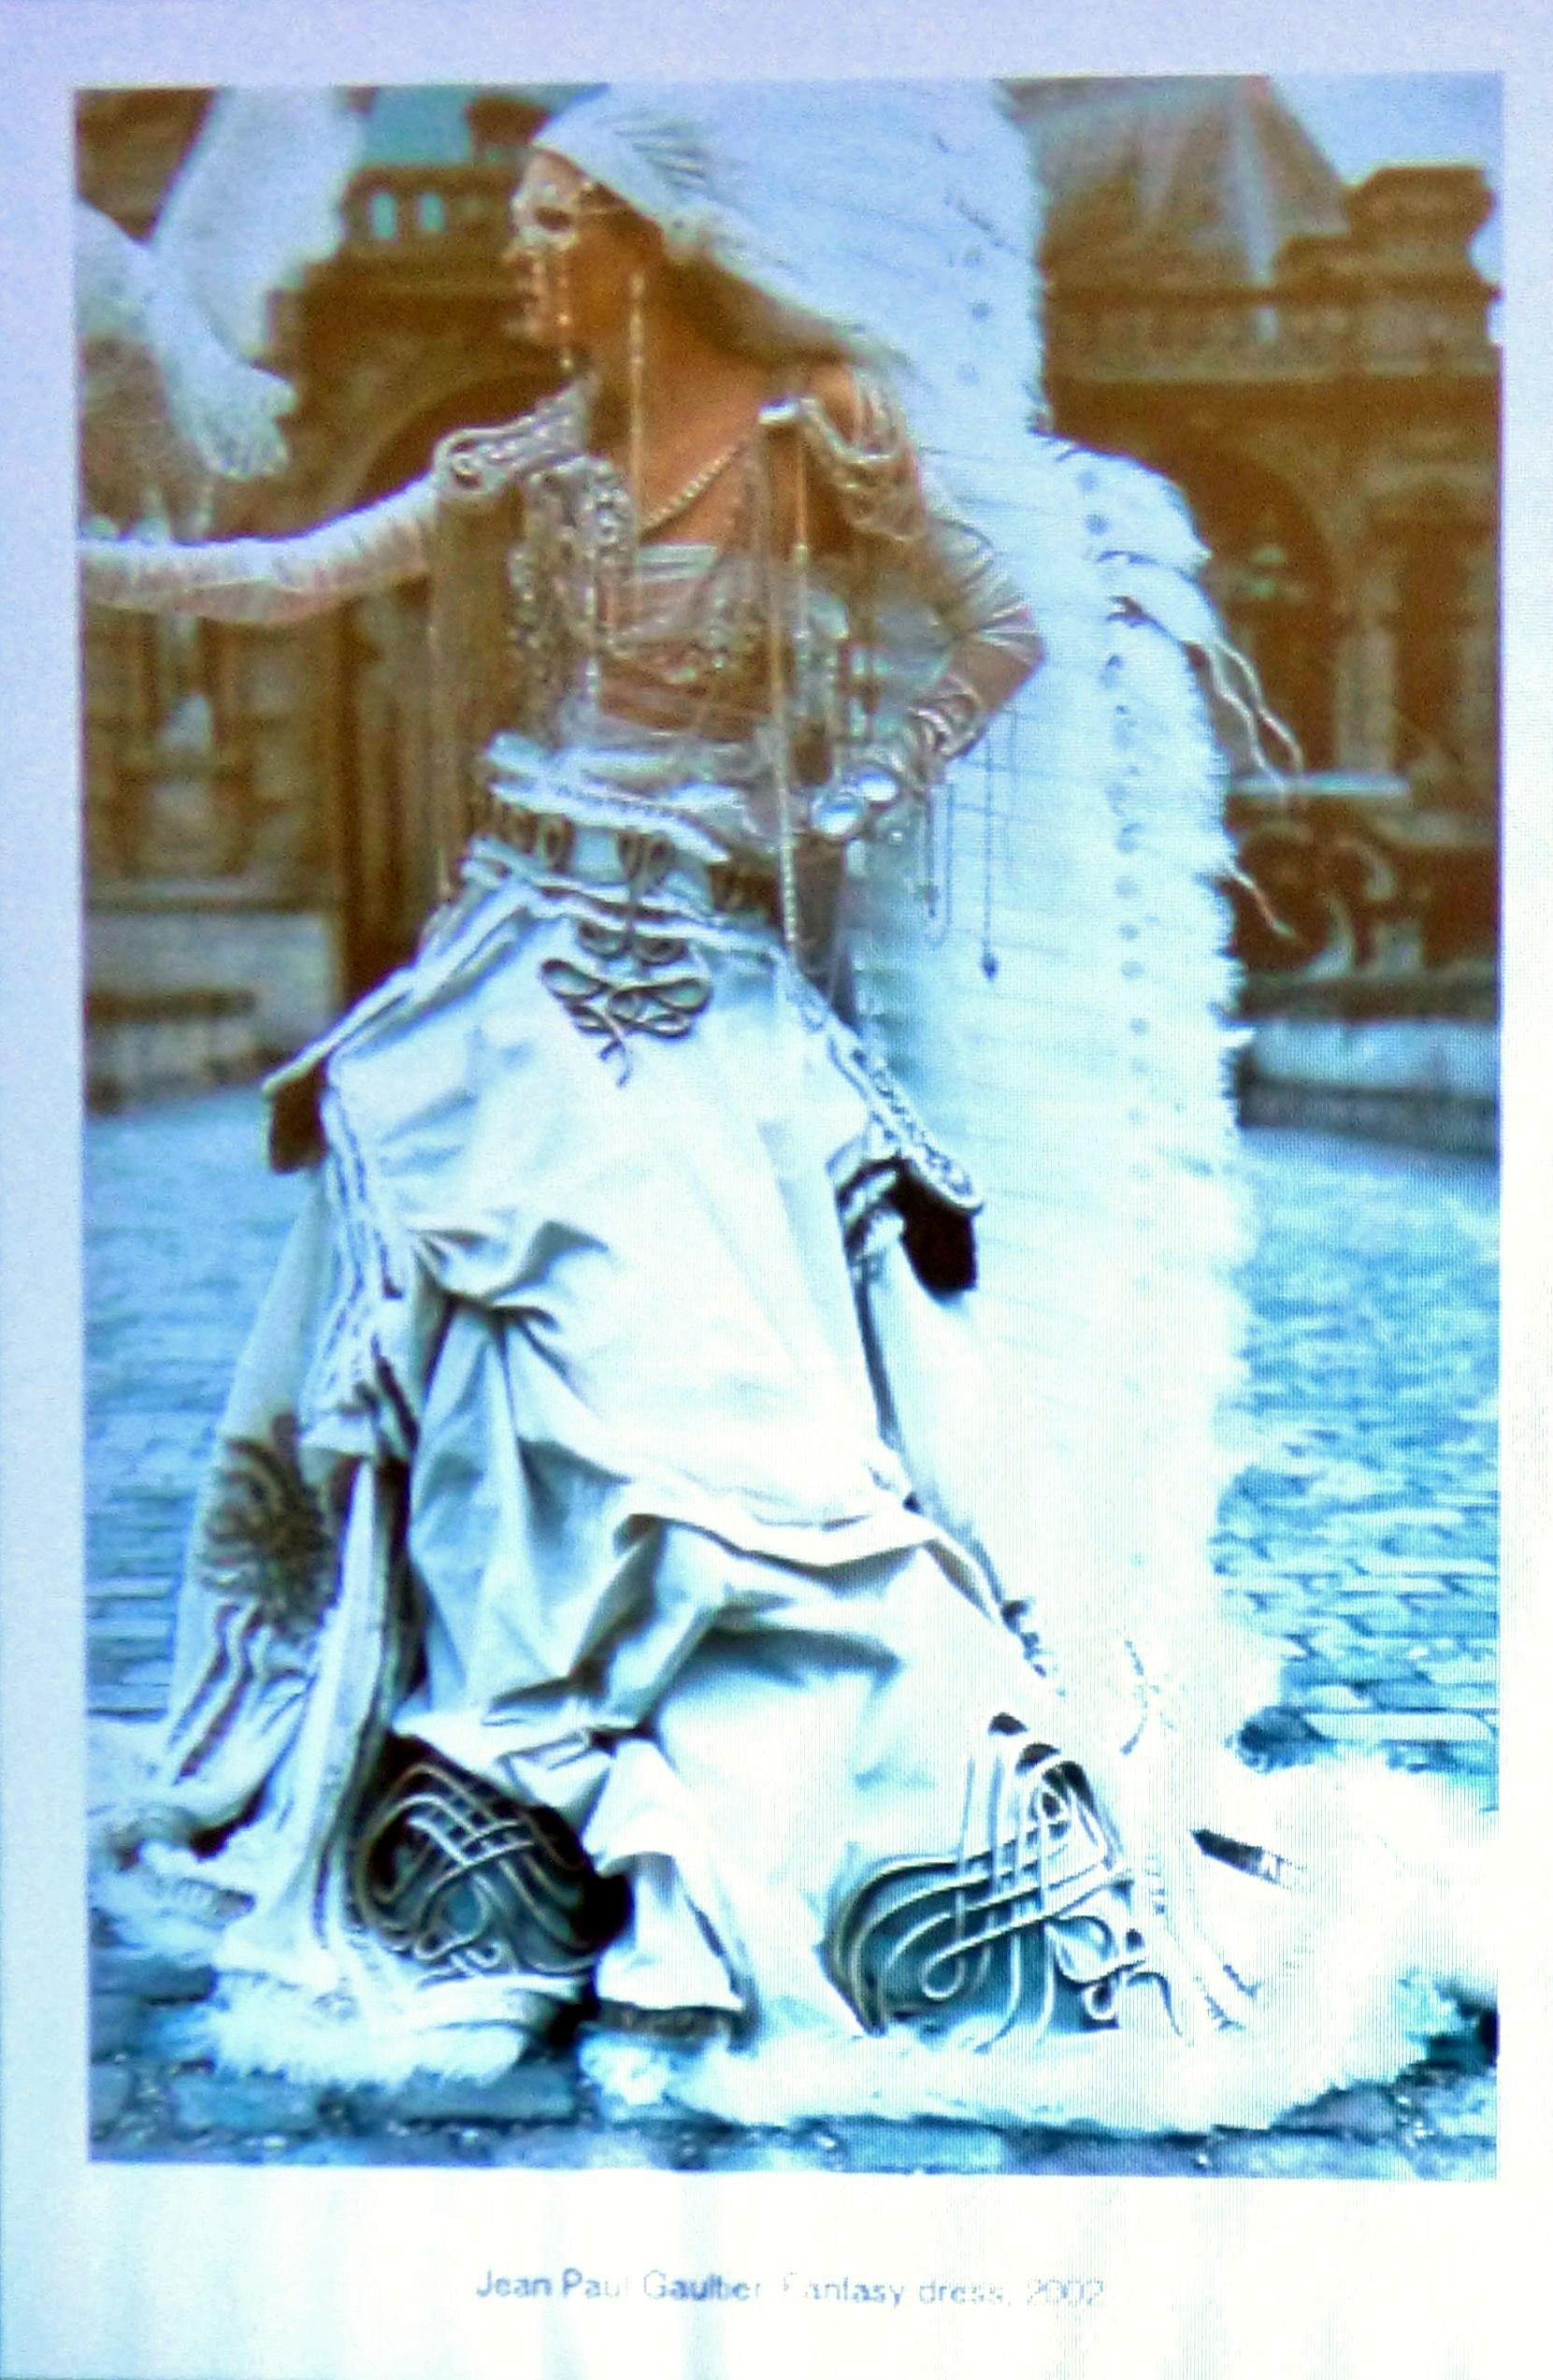 slide showing a fantasy wedding dress by Jean Paul Gautier 2002